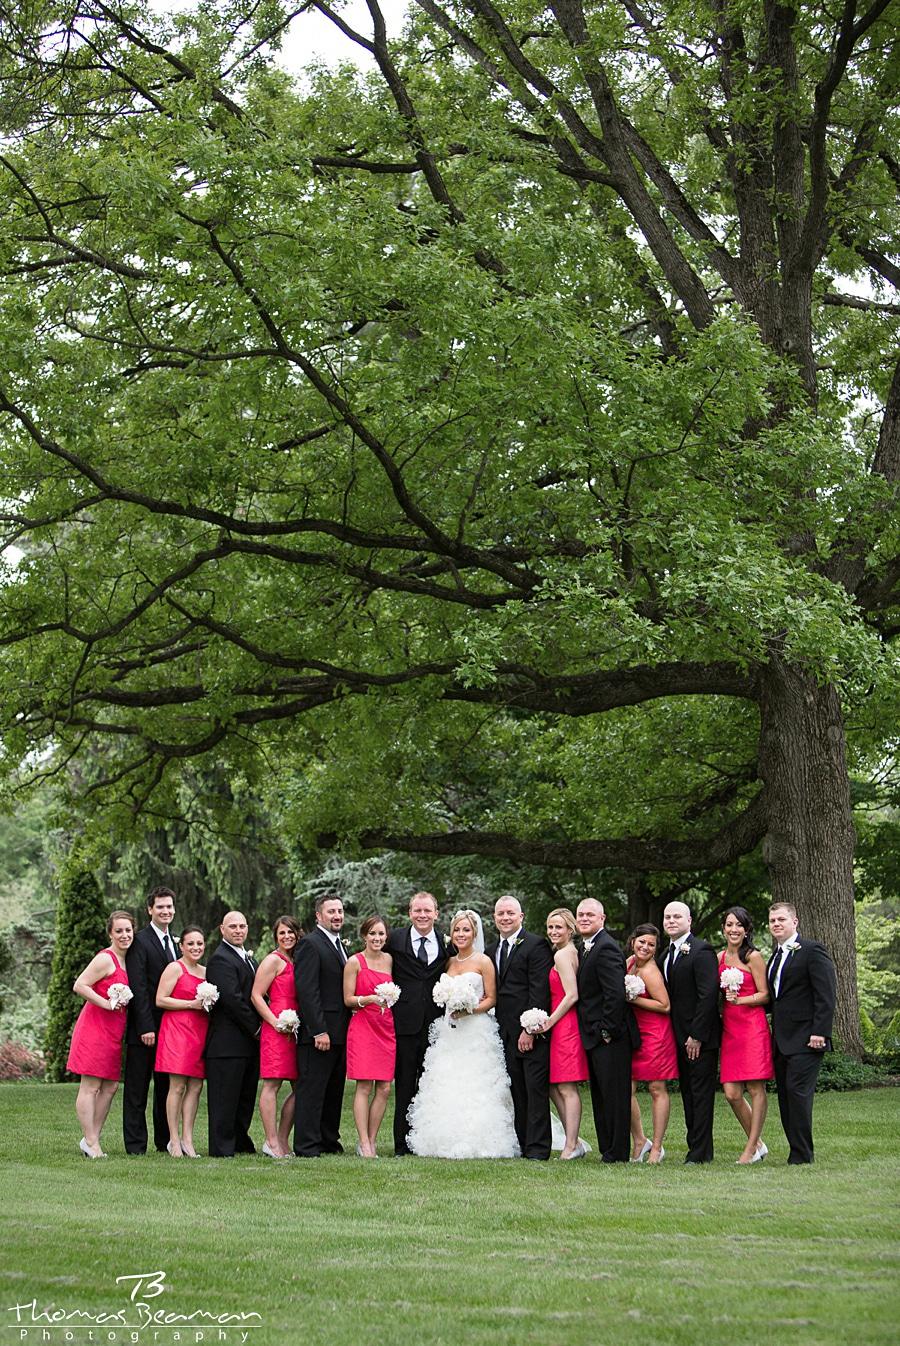 regents-glen-box-hills-mansion-wedding-photo-3